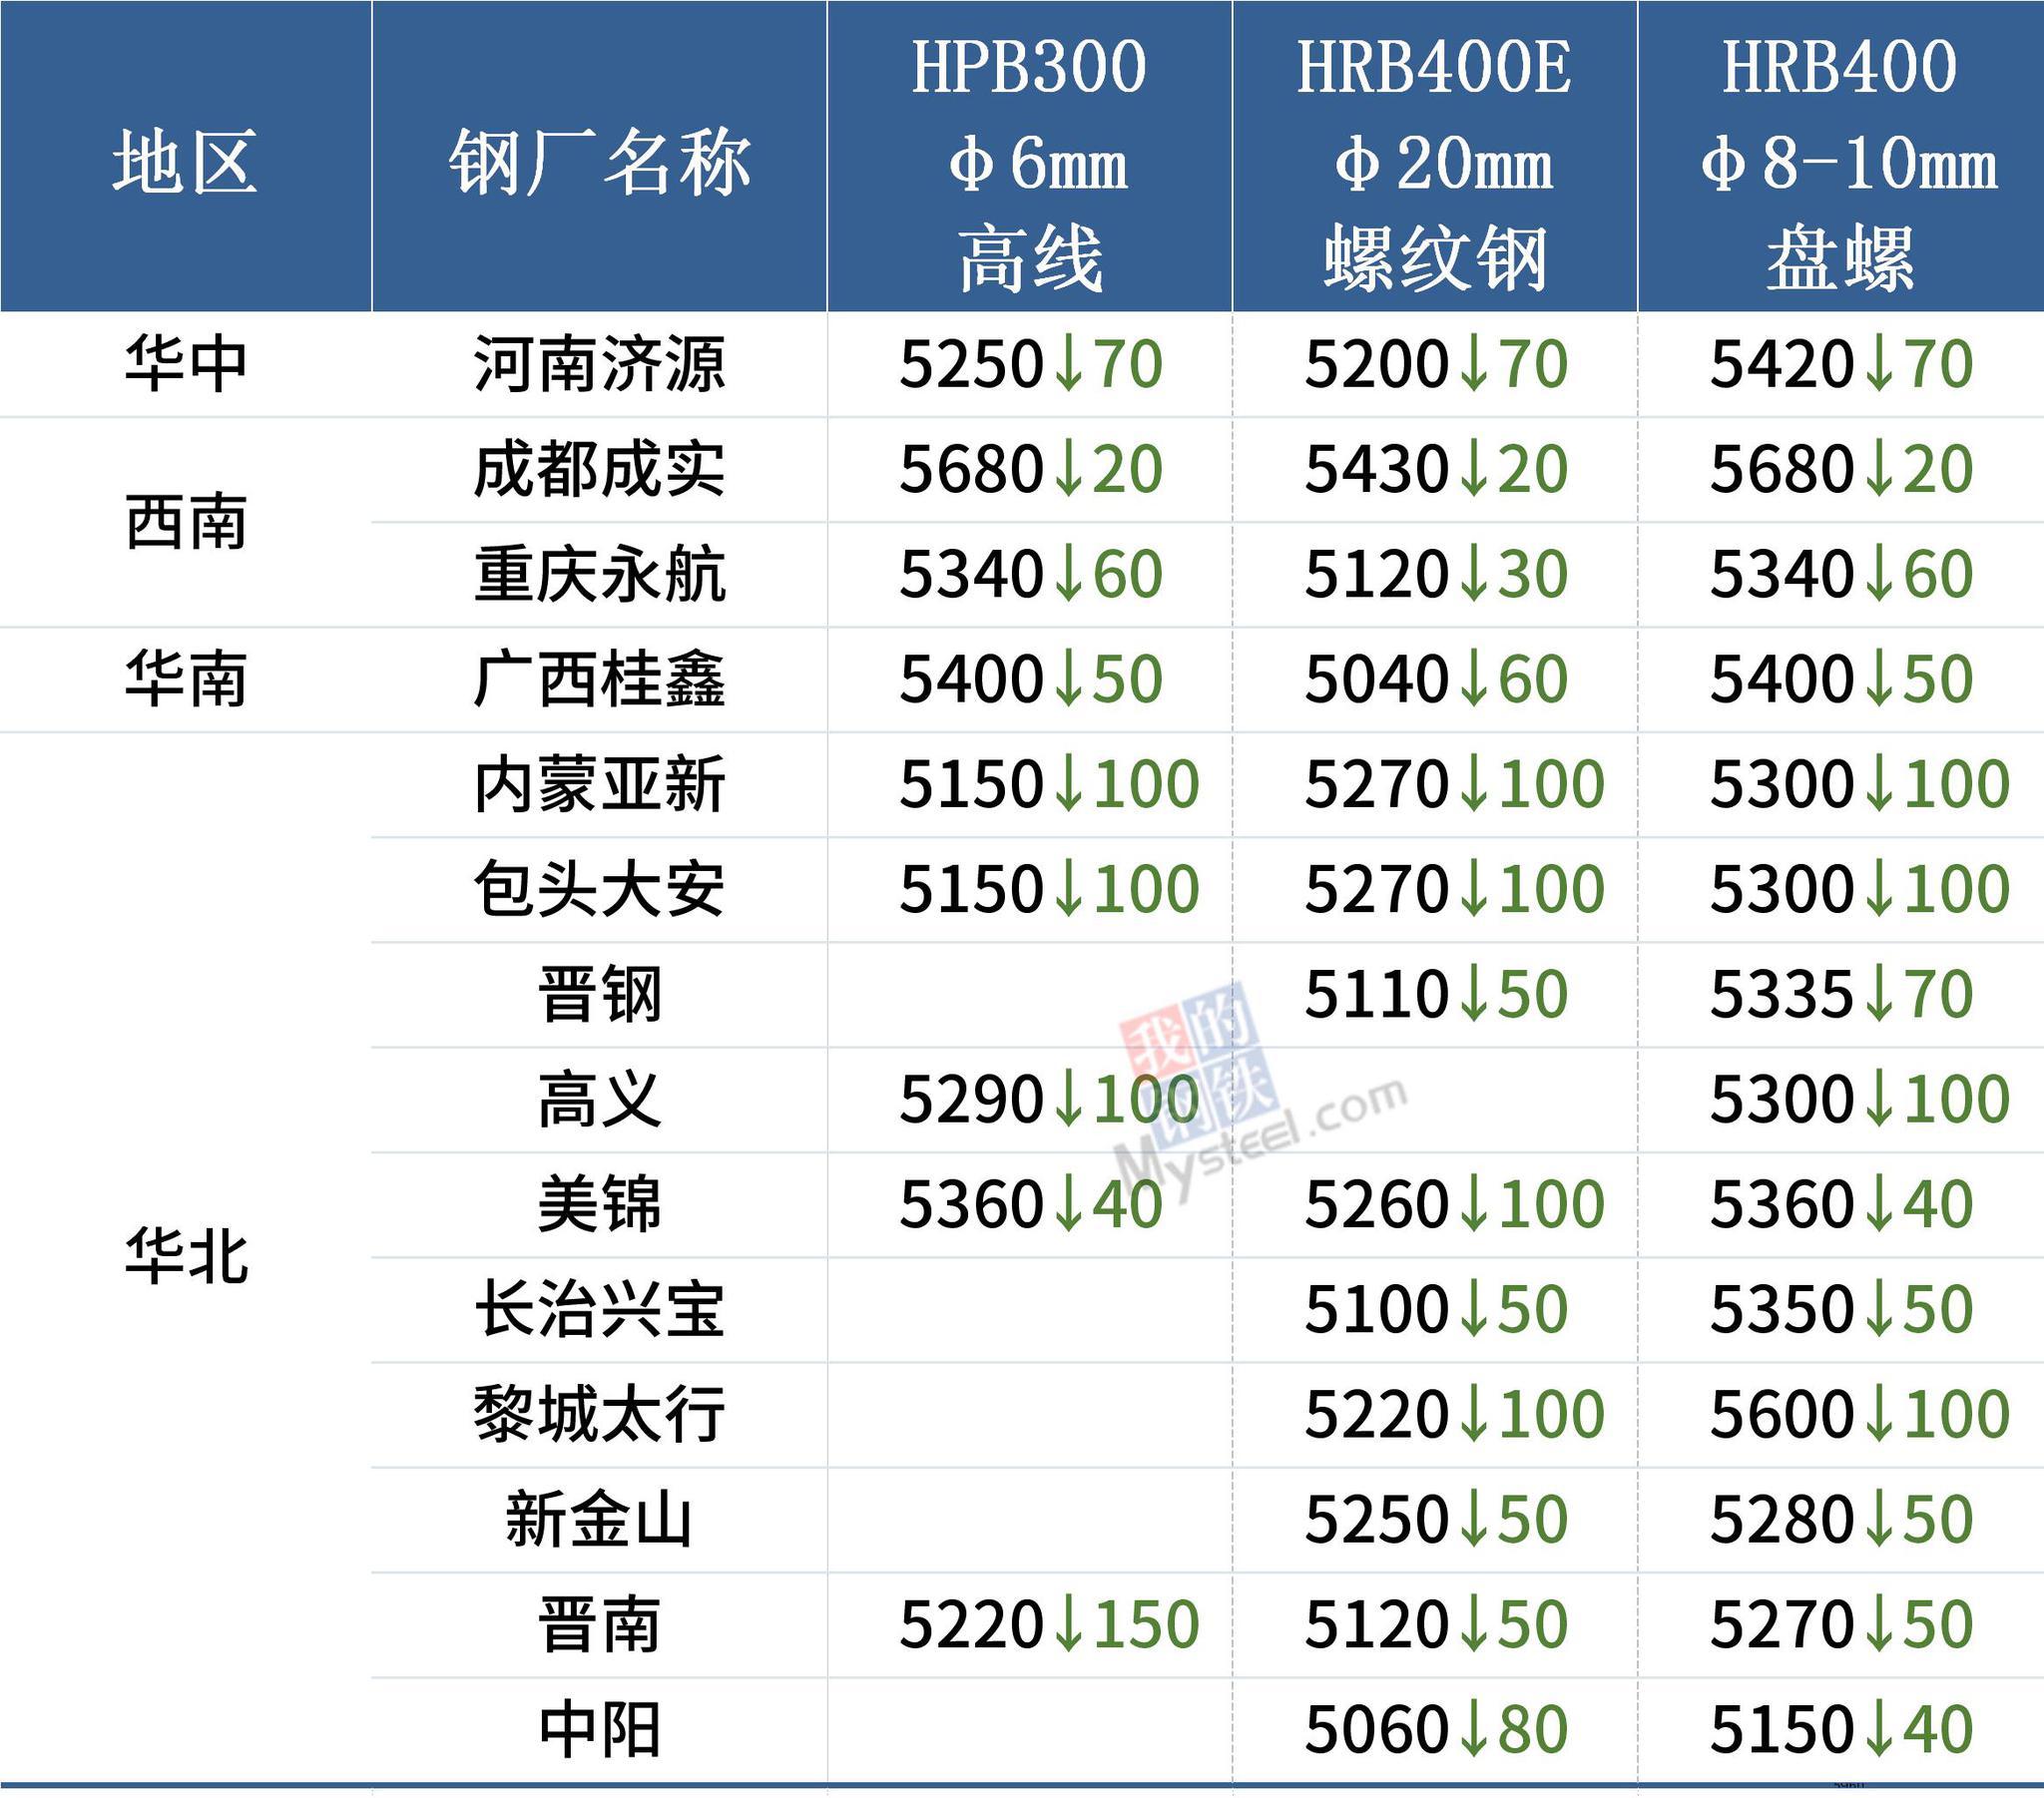 14家钢厂集中降价,钢价全线下跌